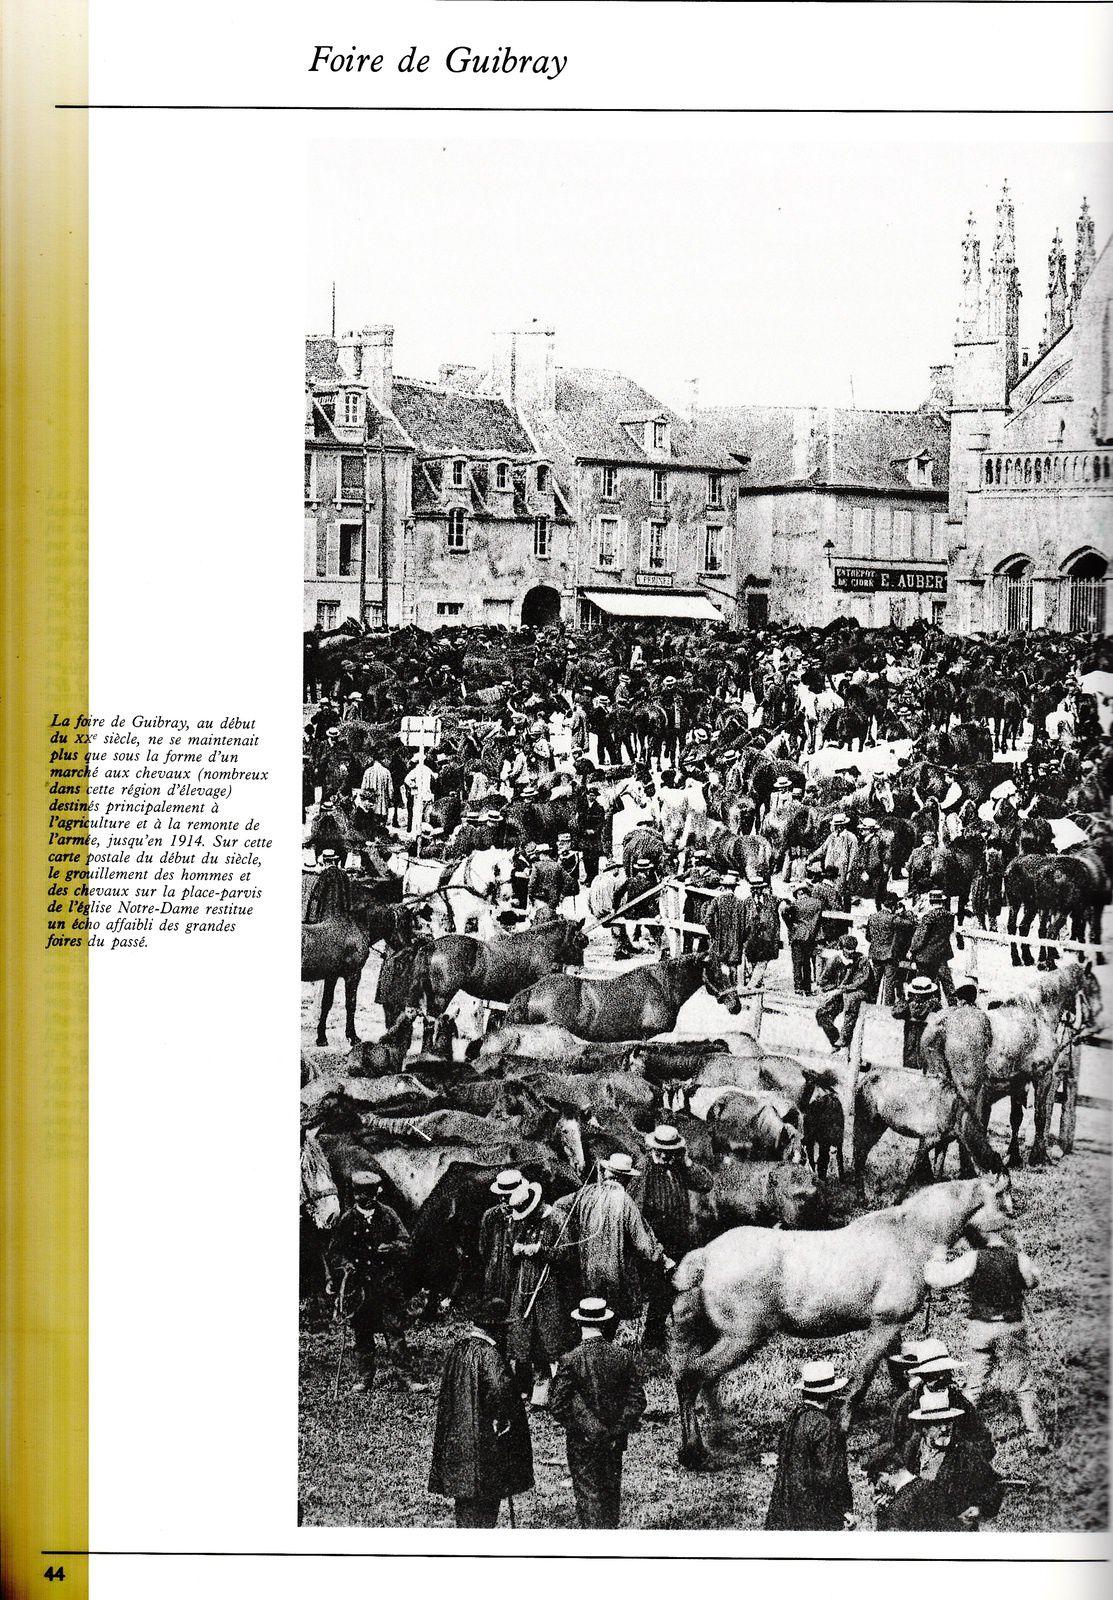 3 pages sur la foire de Guibray à Falaise, tirées de : Jean-Louis Libourel, Falaise (Calvados), 1990, Collection Images du patrimoine.